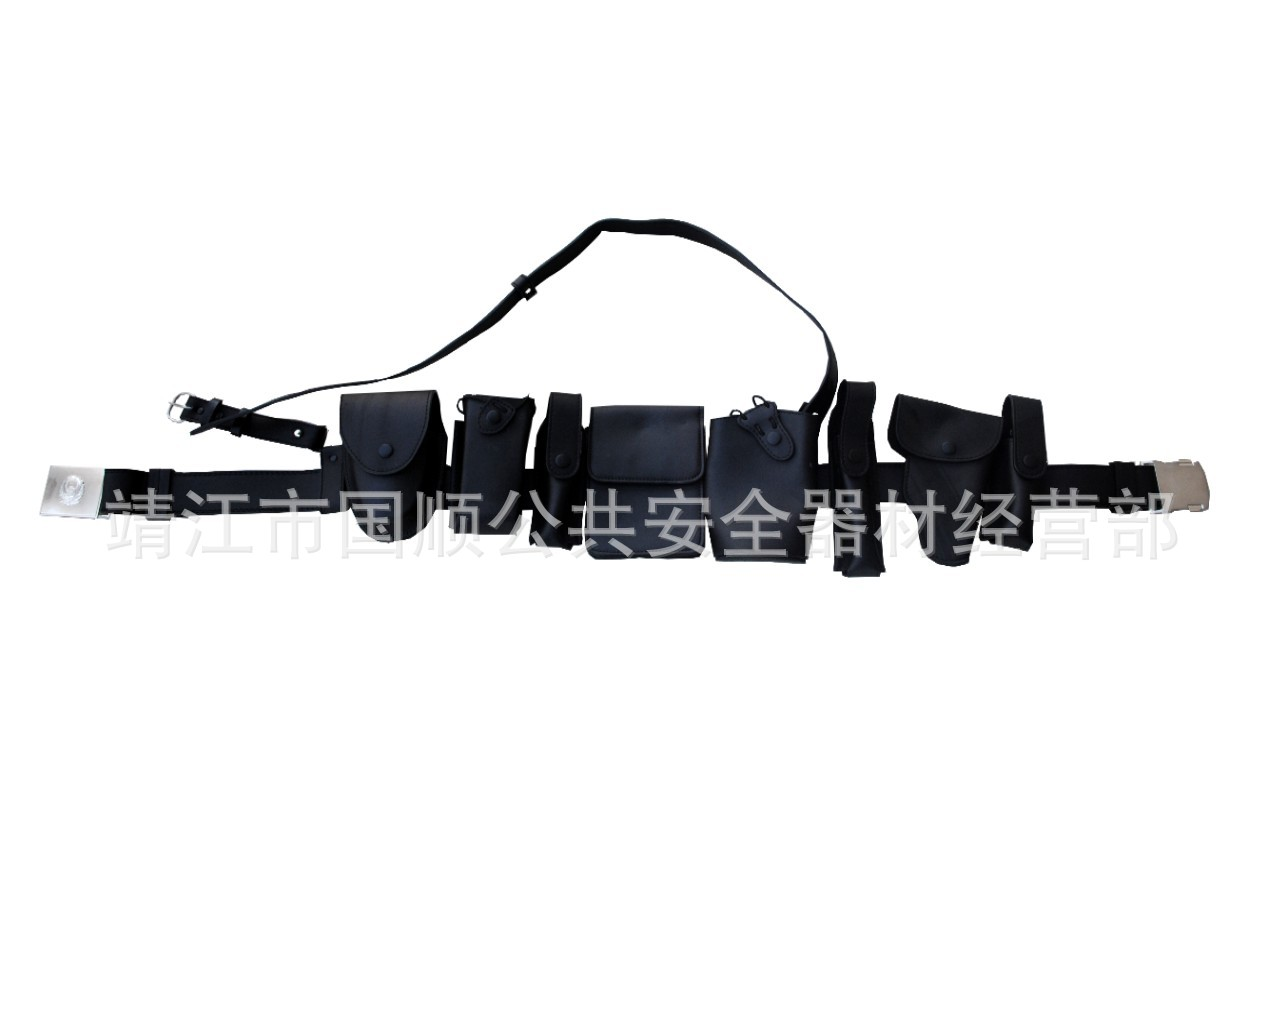 厂家供应尼龙多功能腰带八大件武装带8件套批发